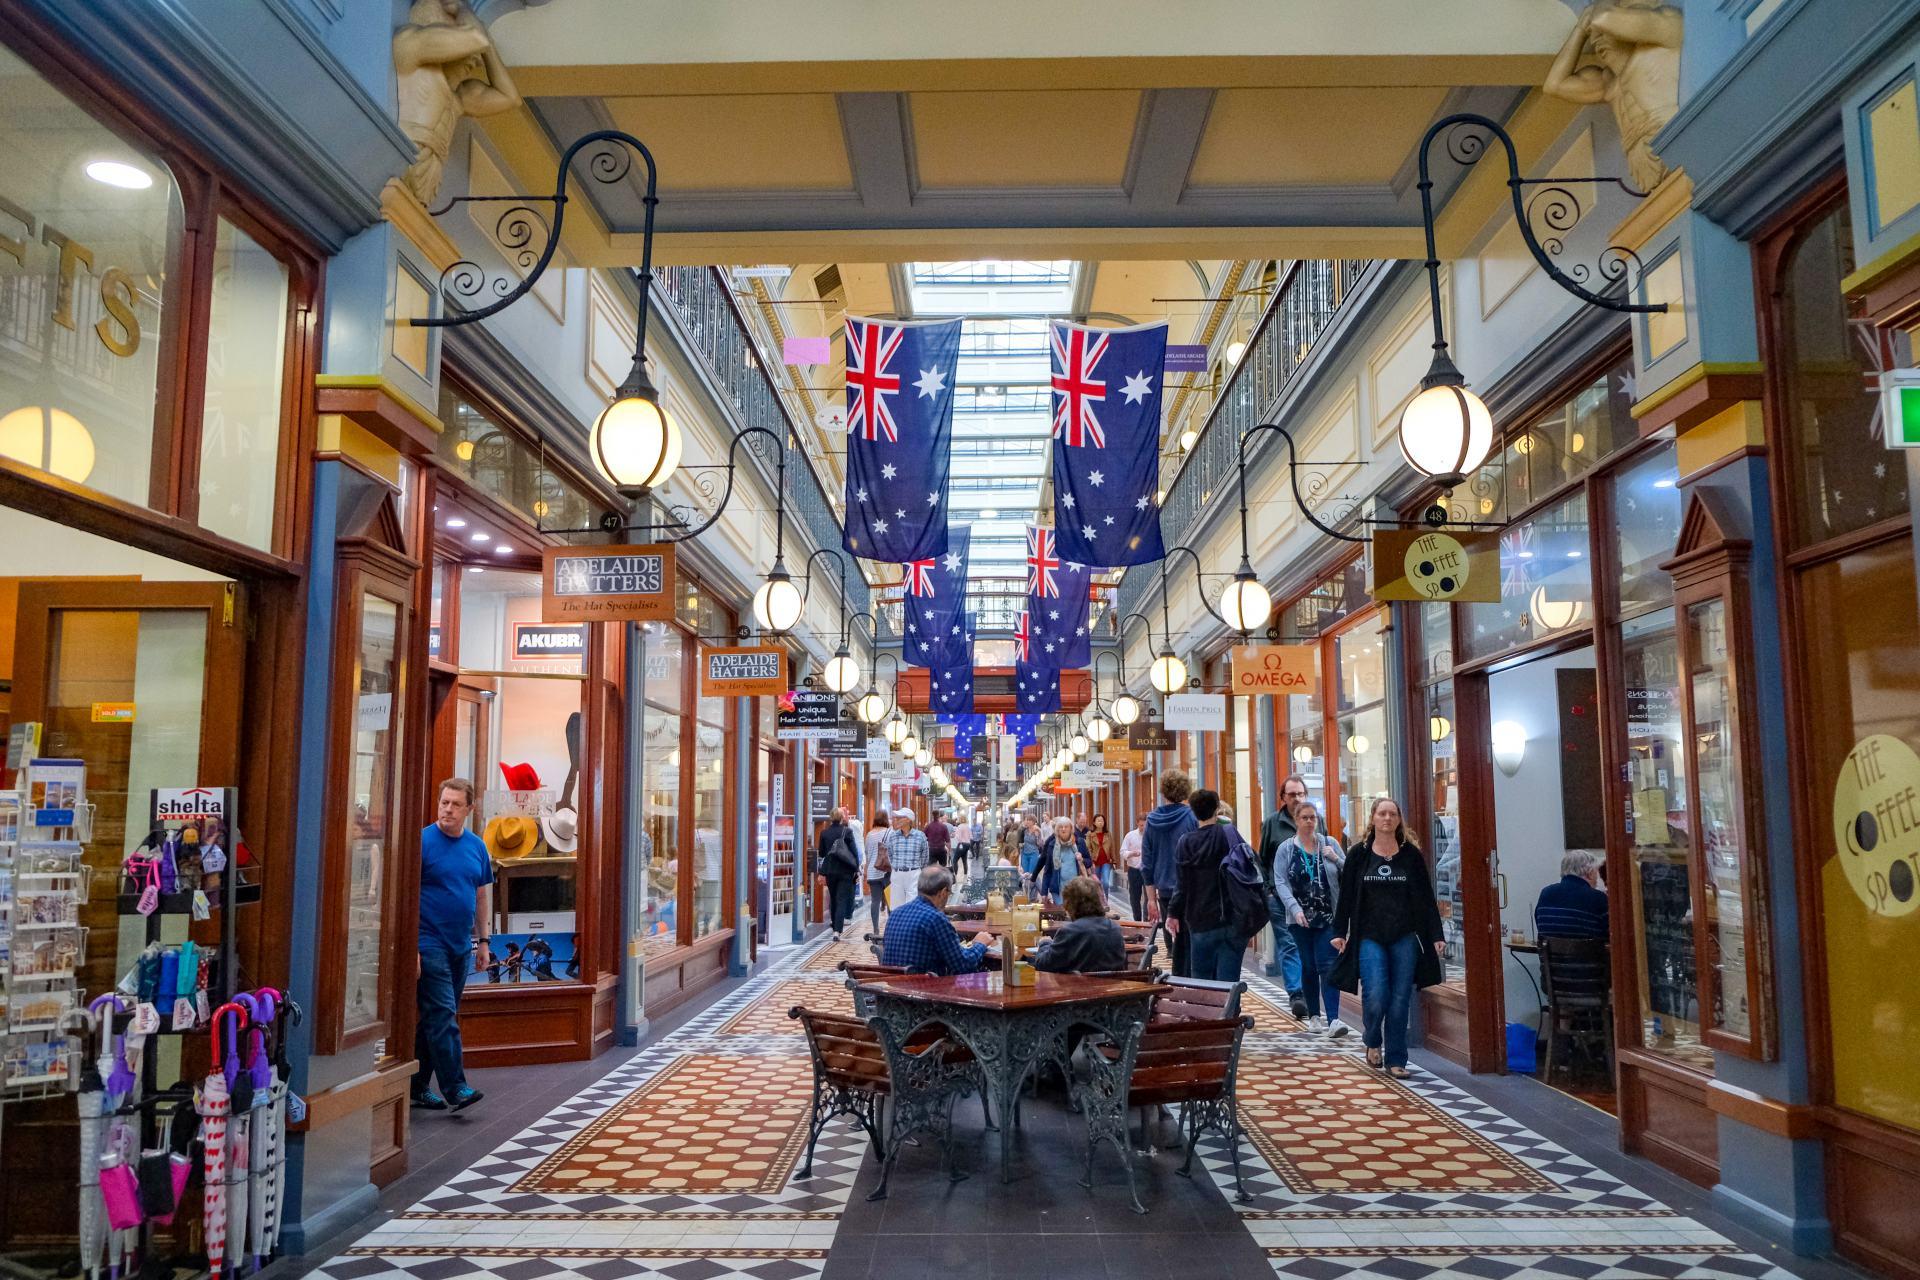 Adelaide laneways